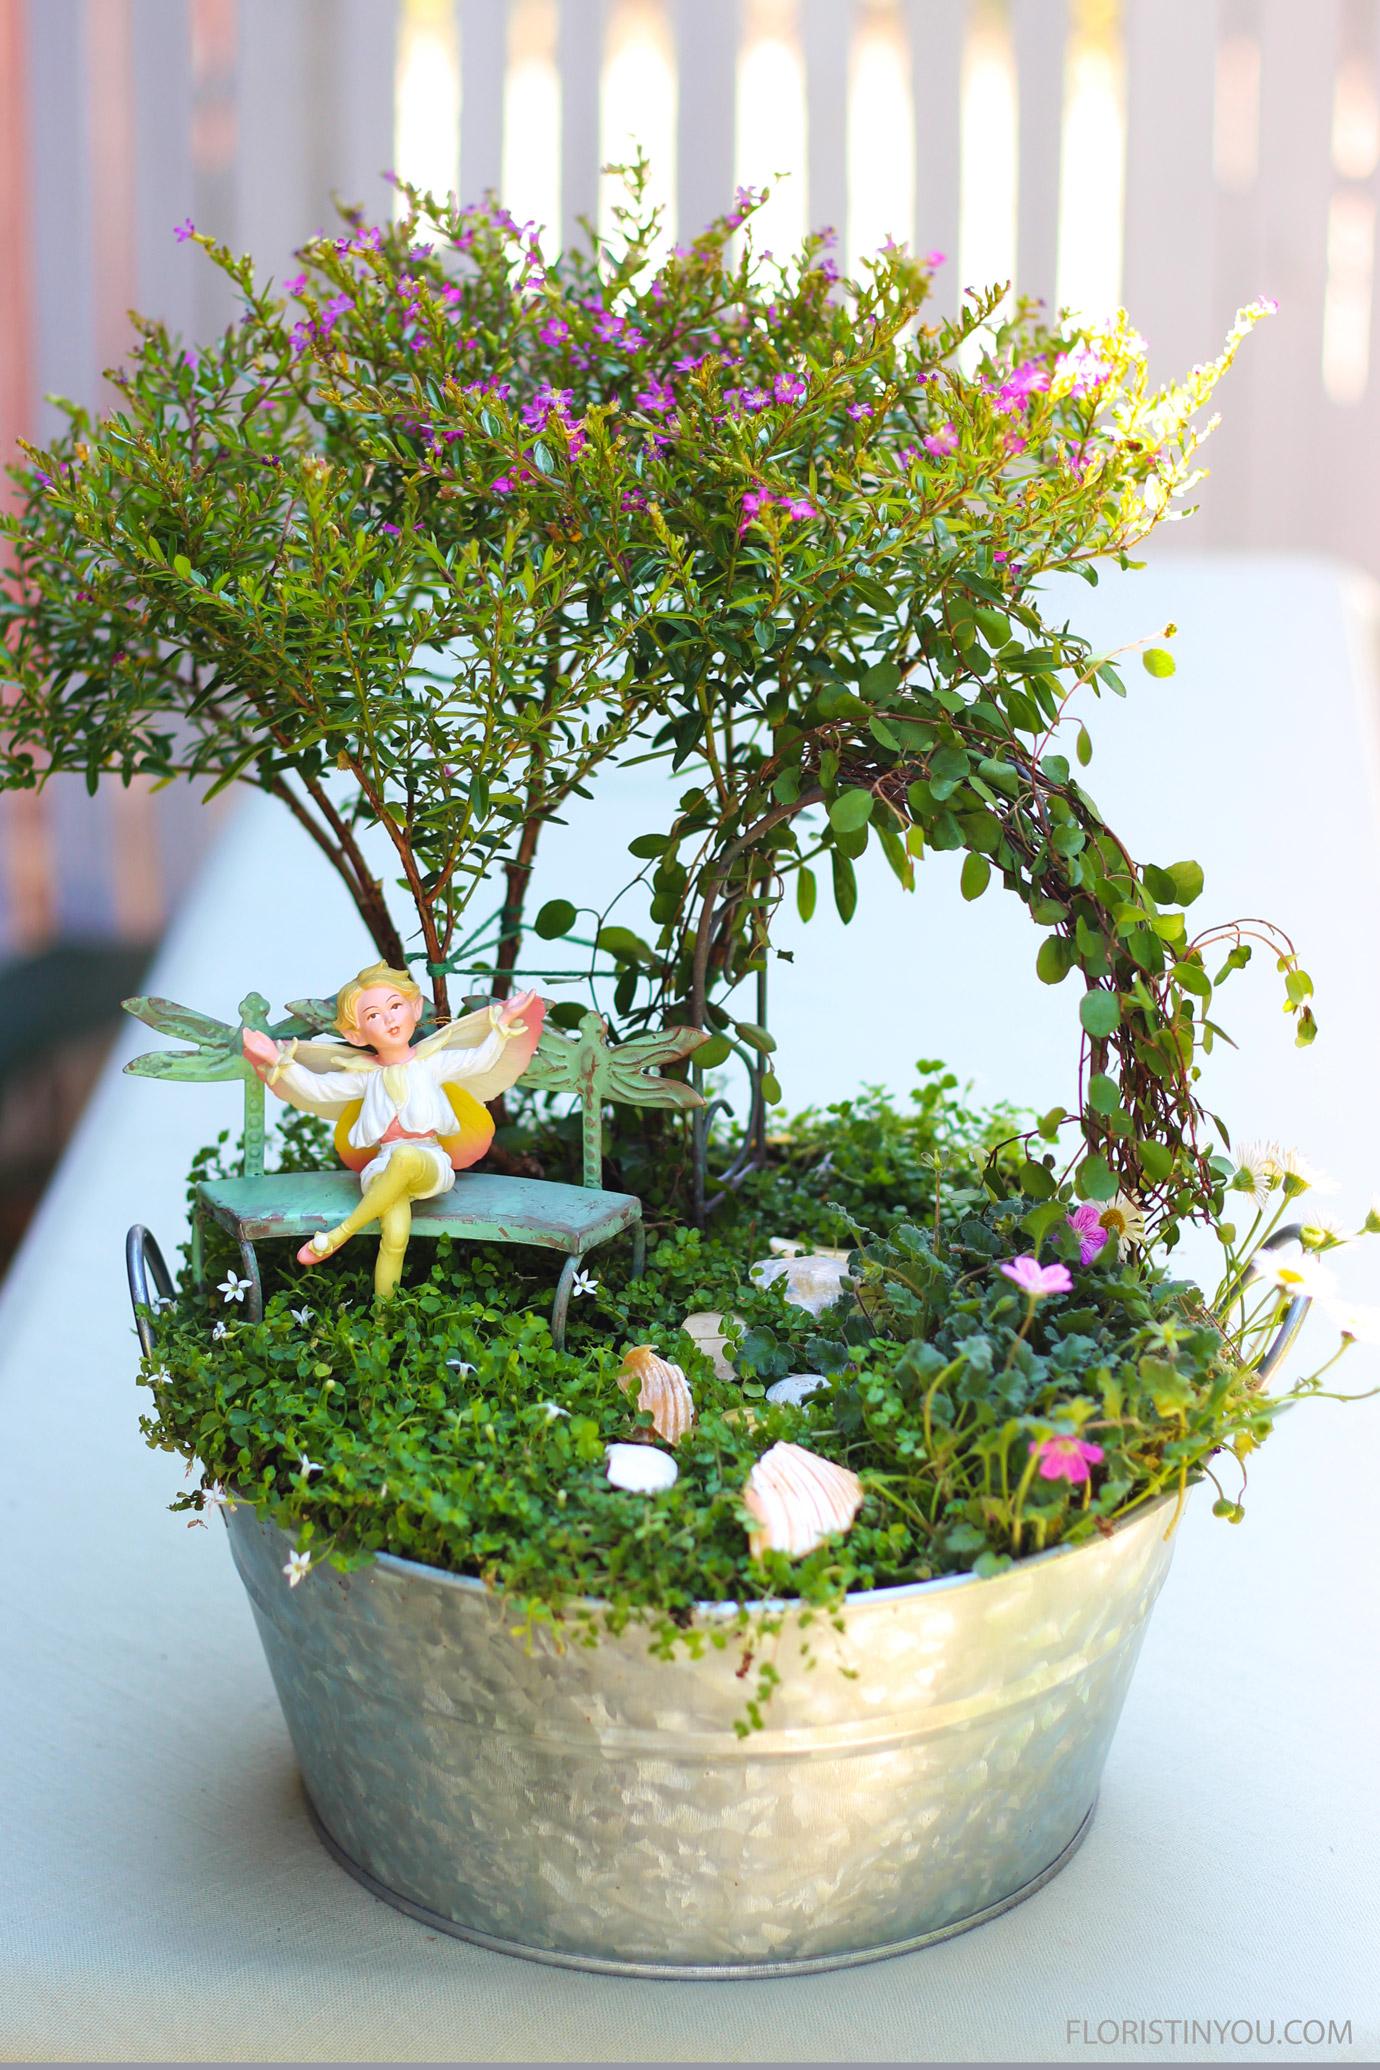 How to Make a Fairie Garden